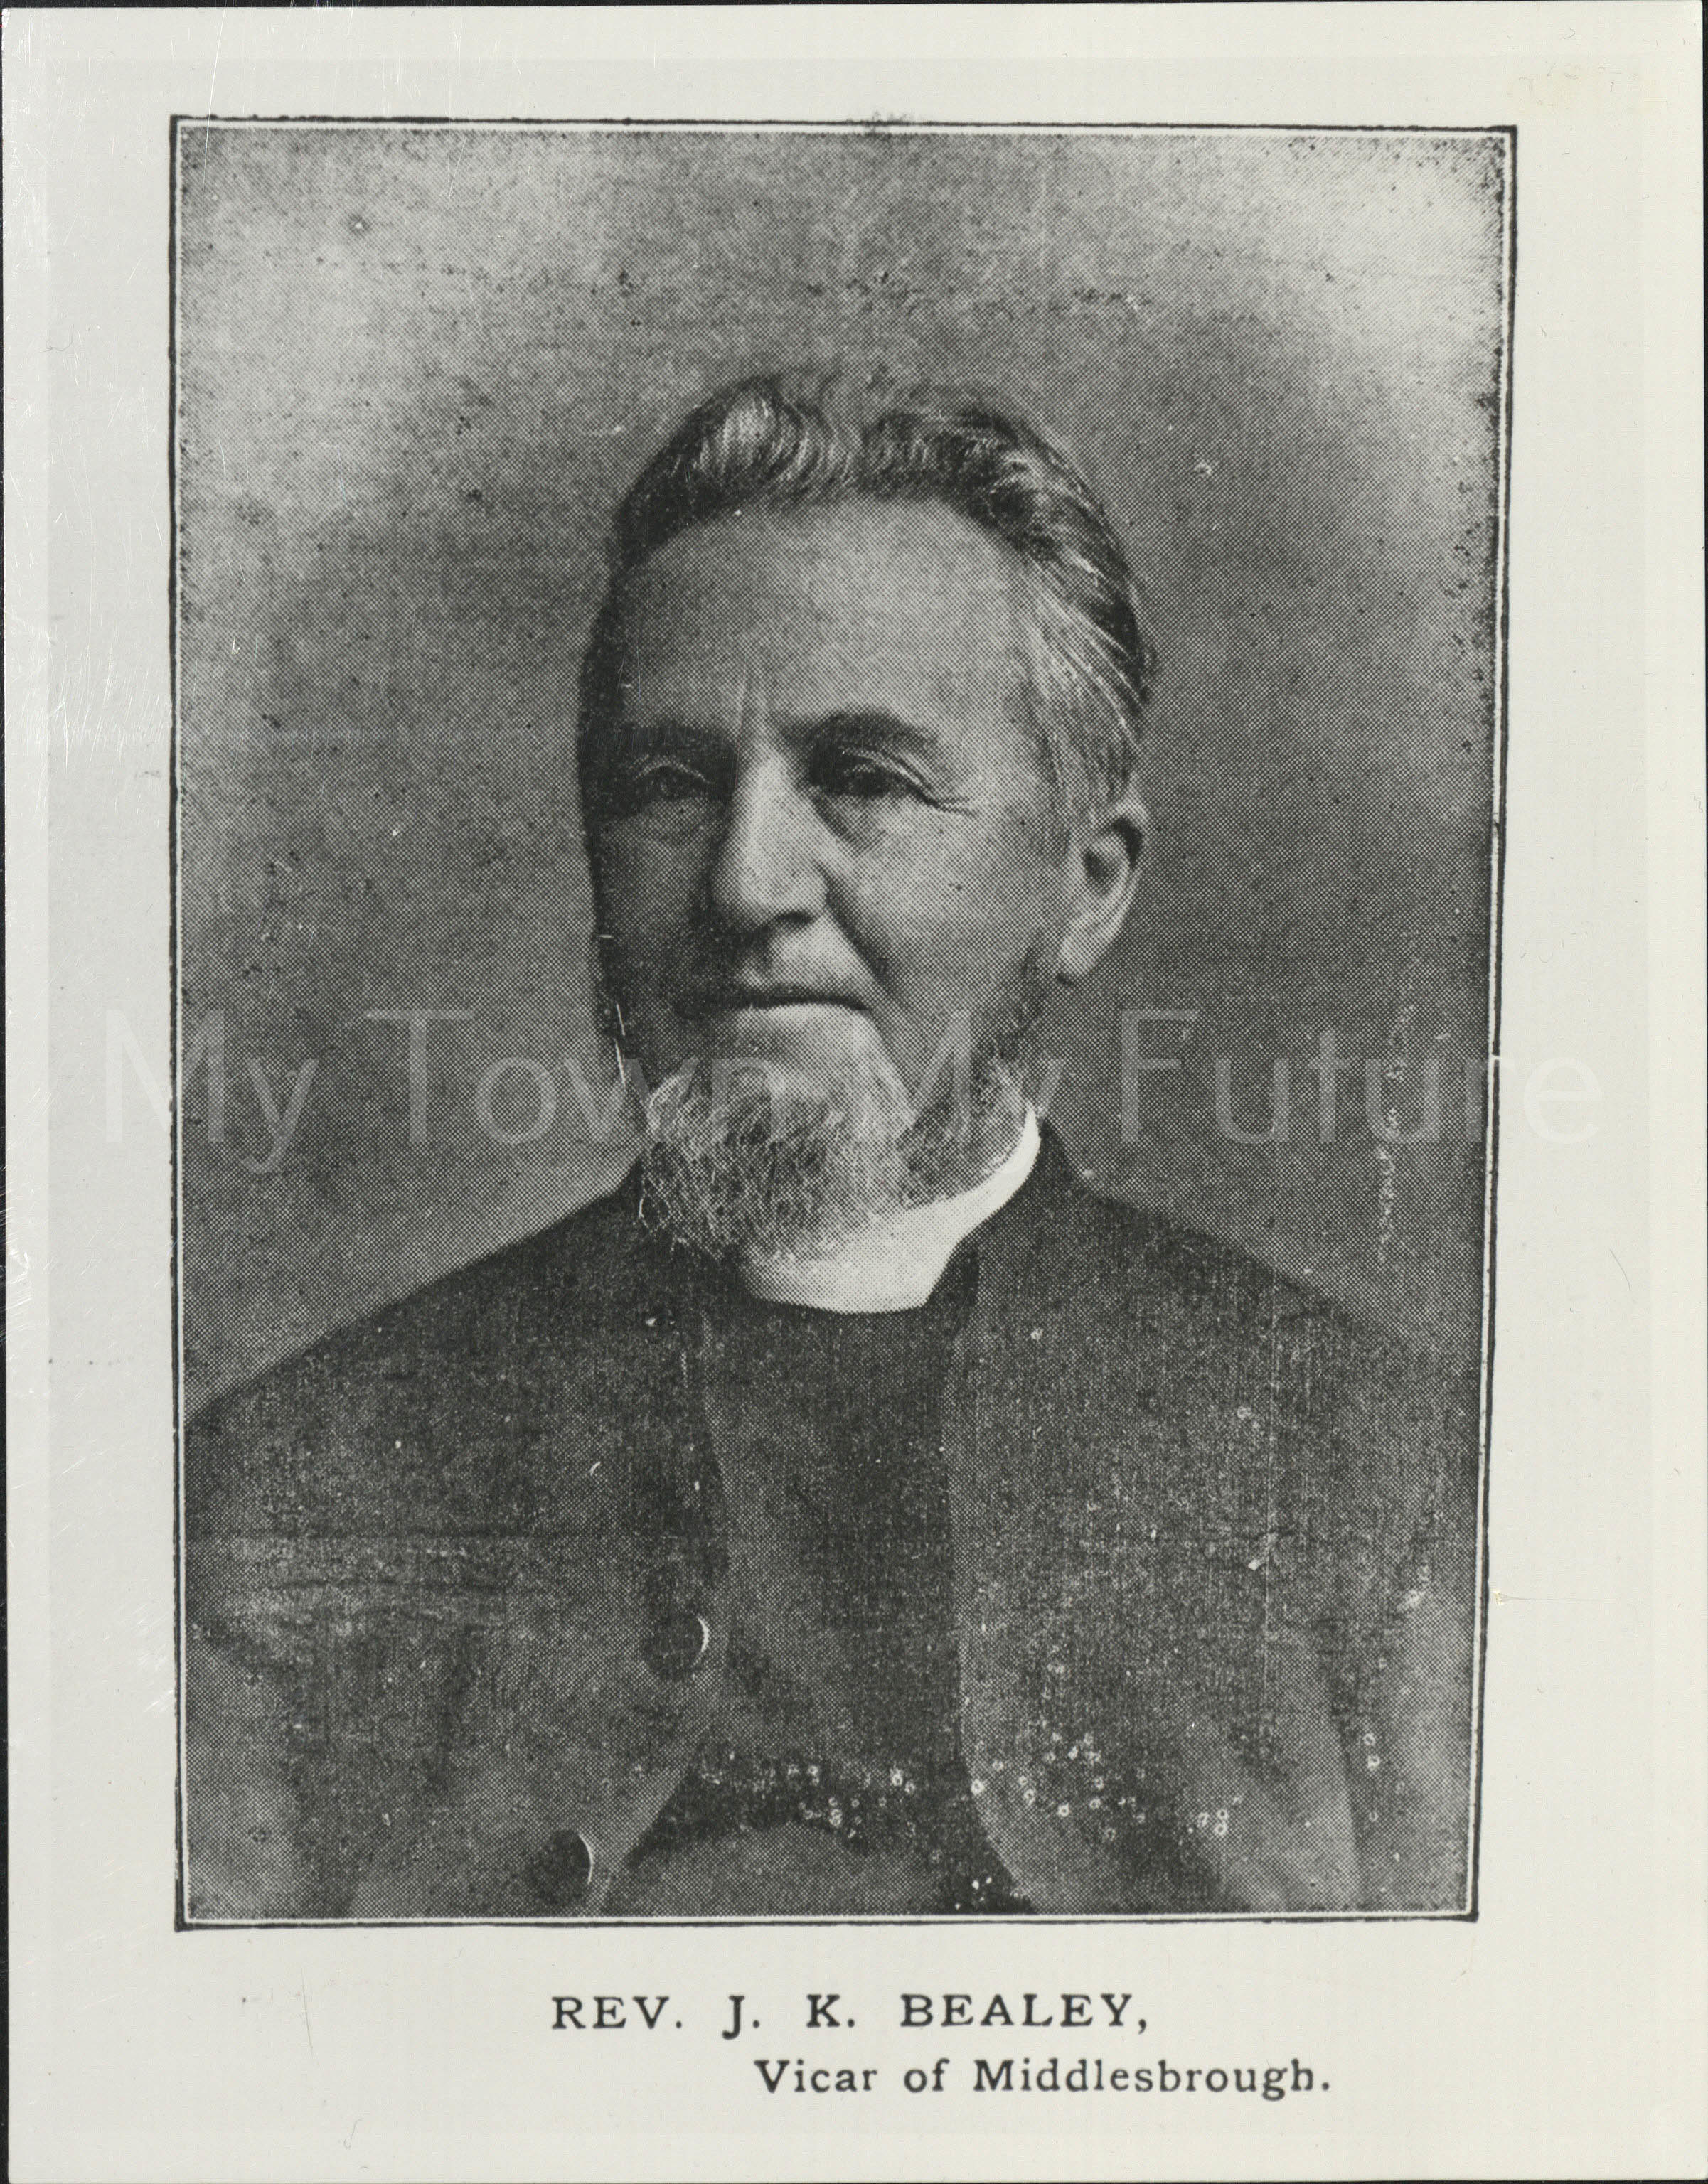 Rev JK Bealey, Vicar of Middlesbrough